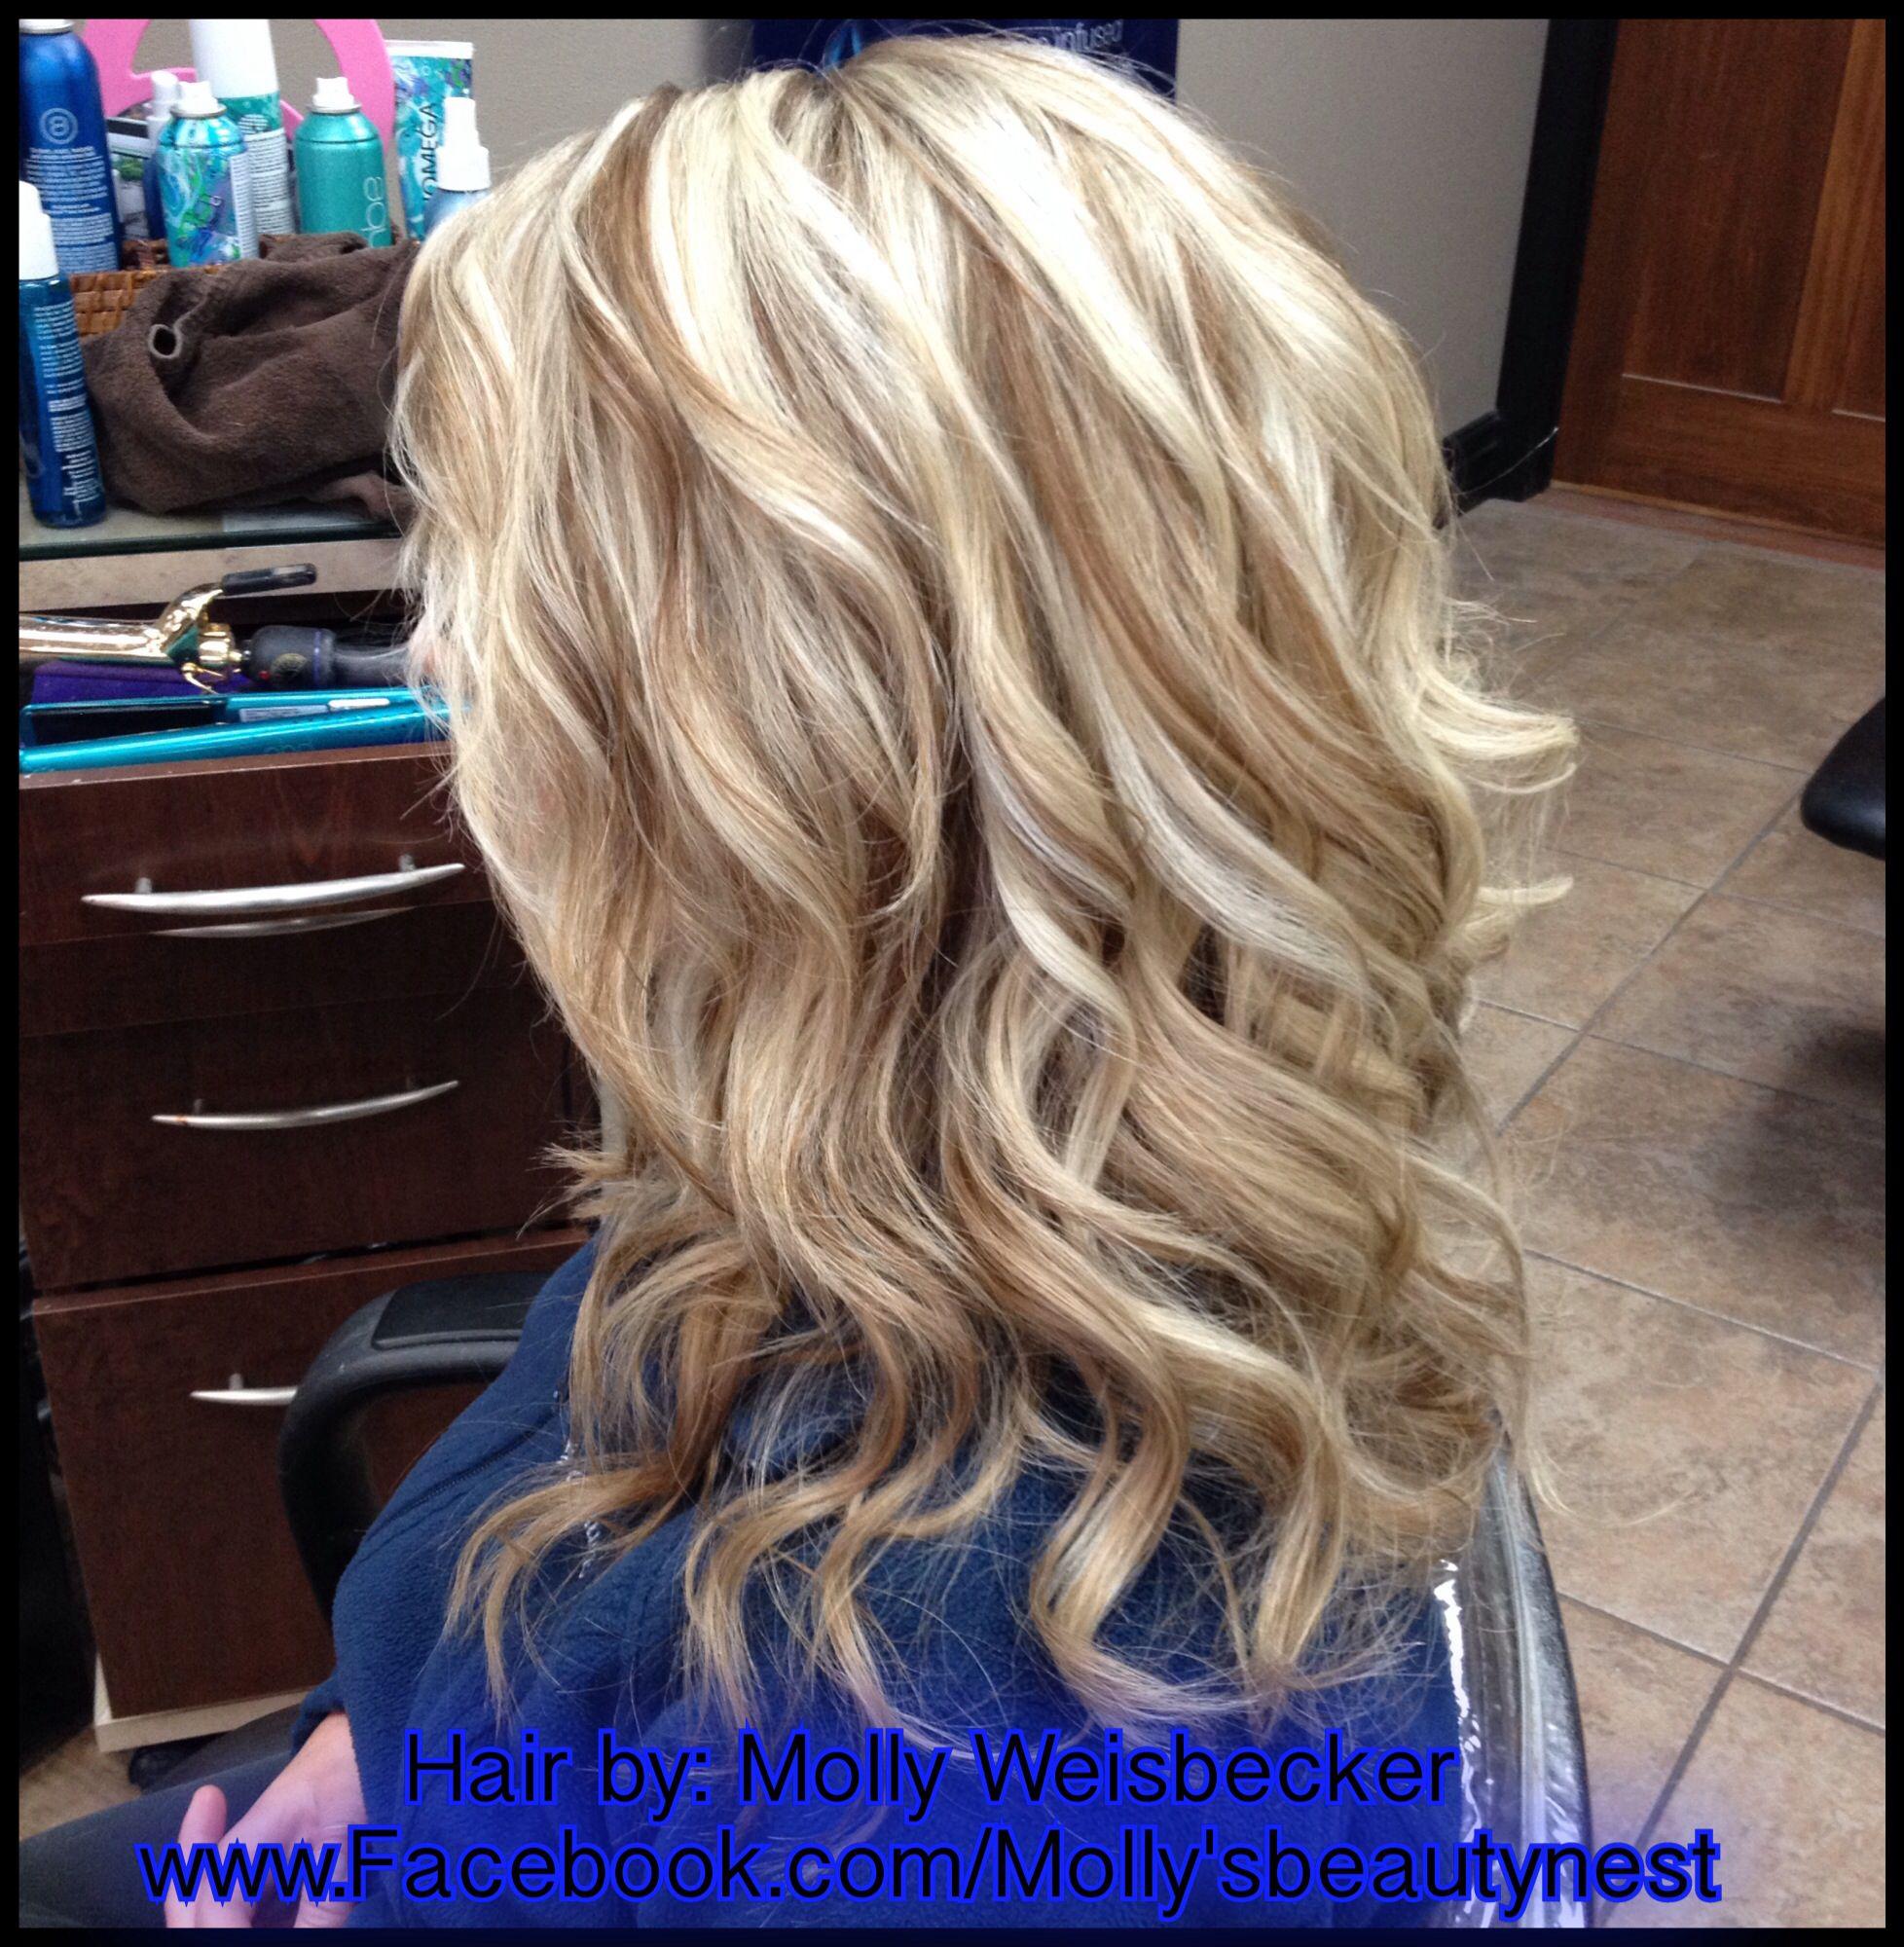 platinum blonde hilights with golden blonde lowlights